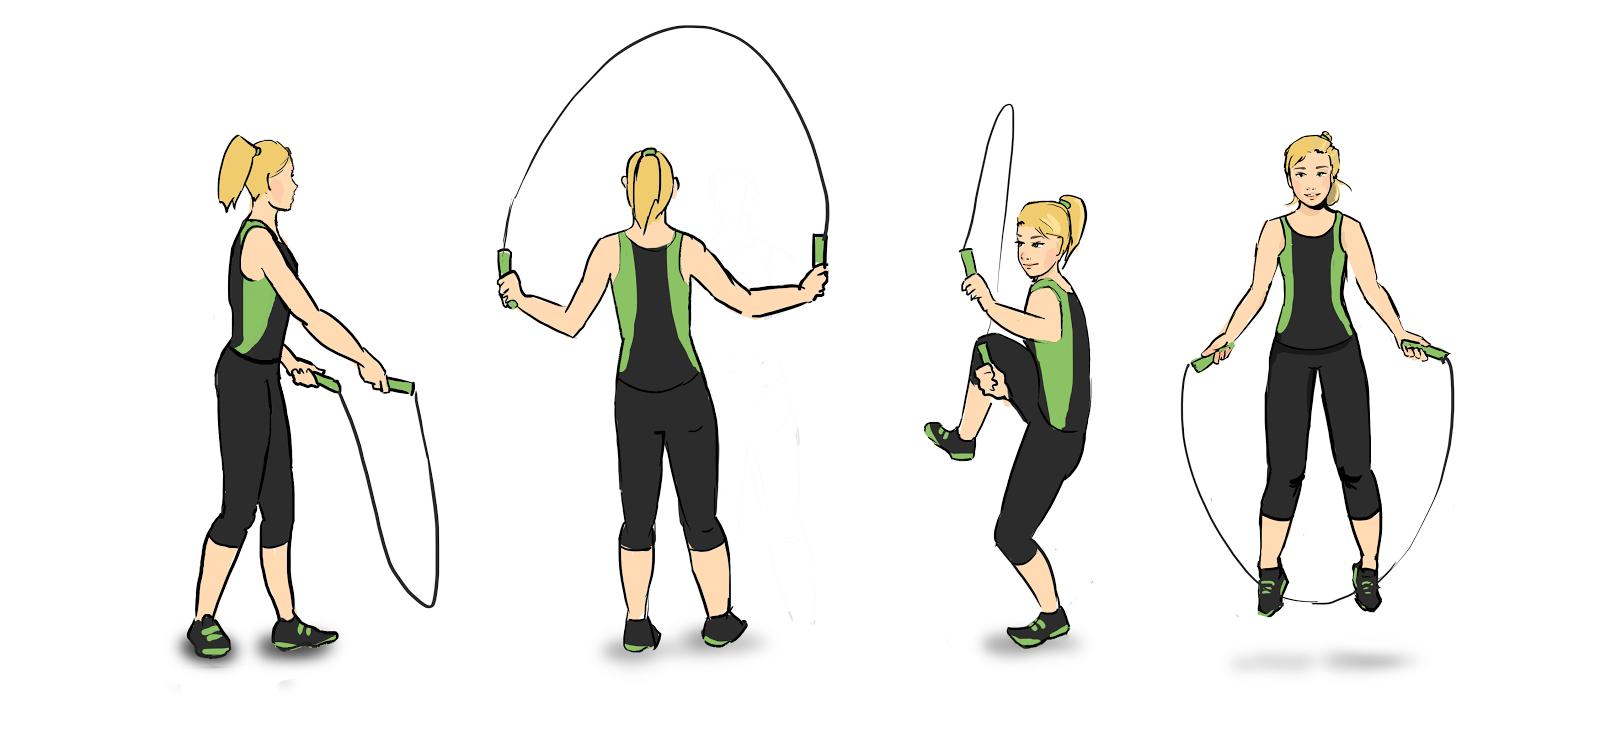 ilustração de uma pessoa pulando corda